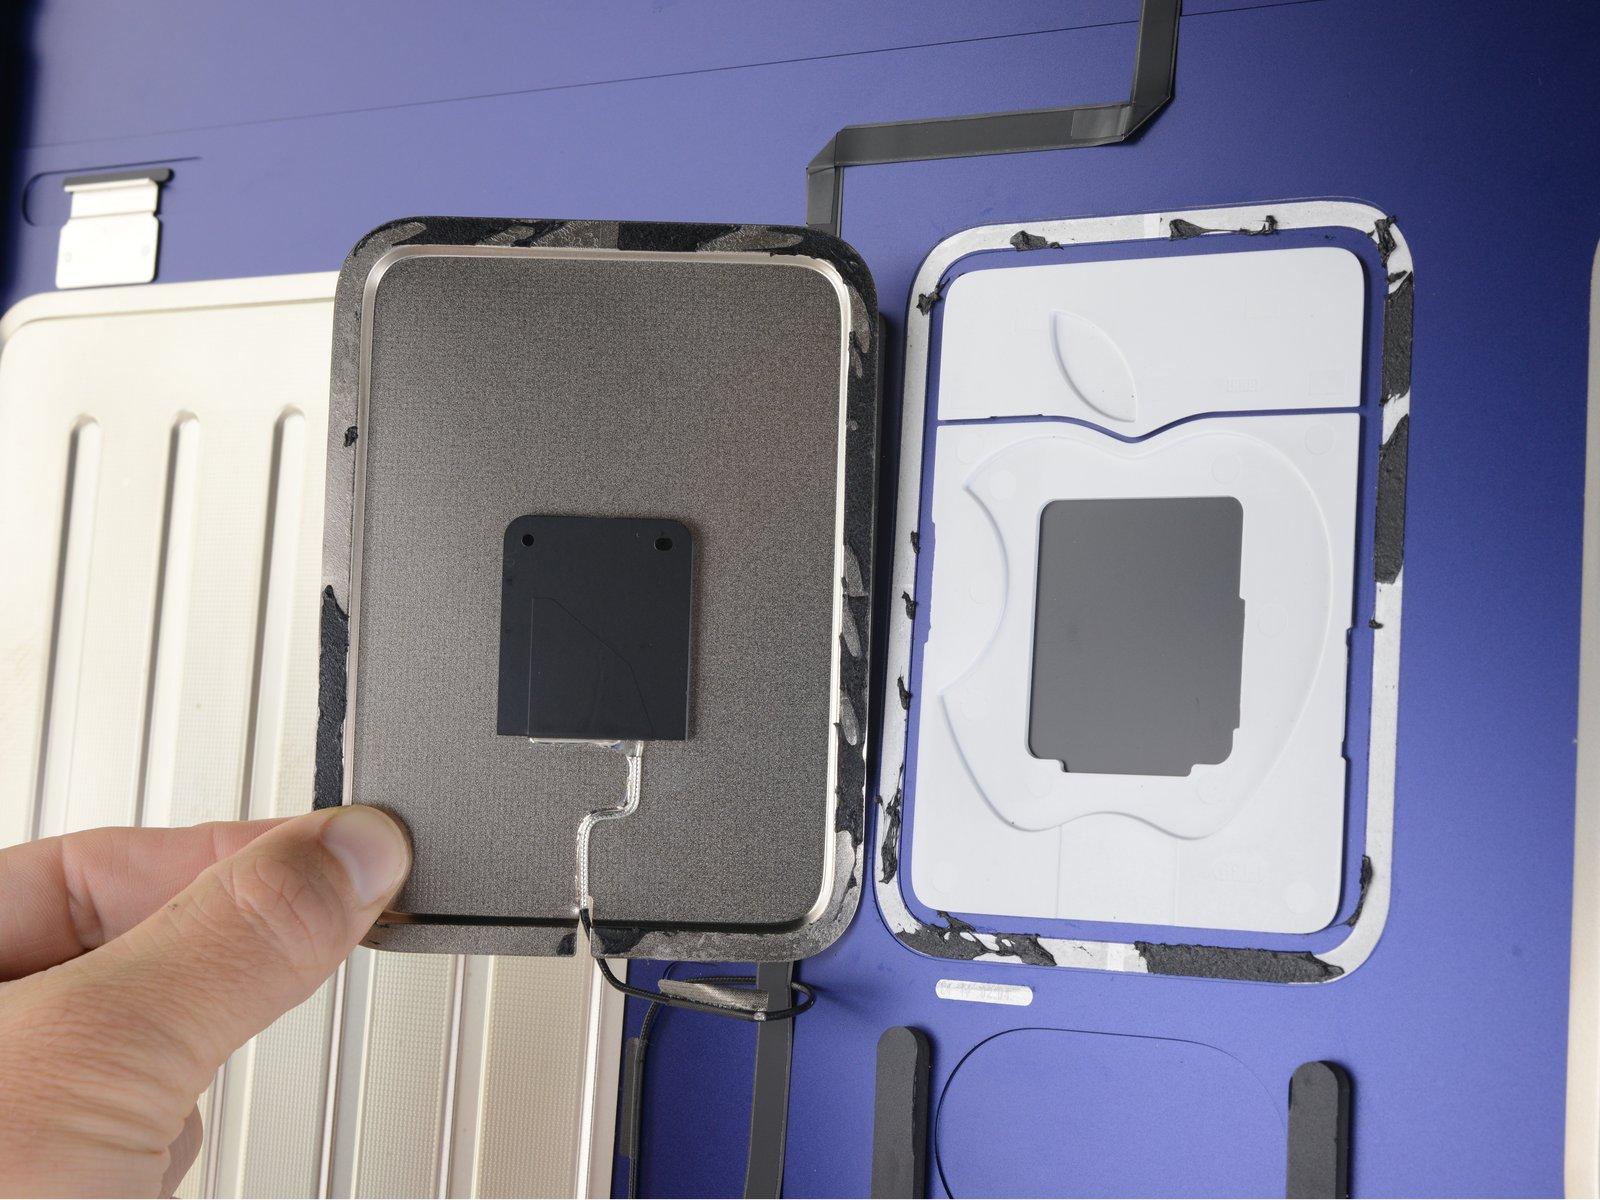 Antena escondida tras el logo de Apple en un iMac con M1